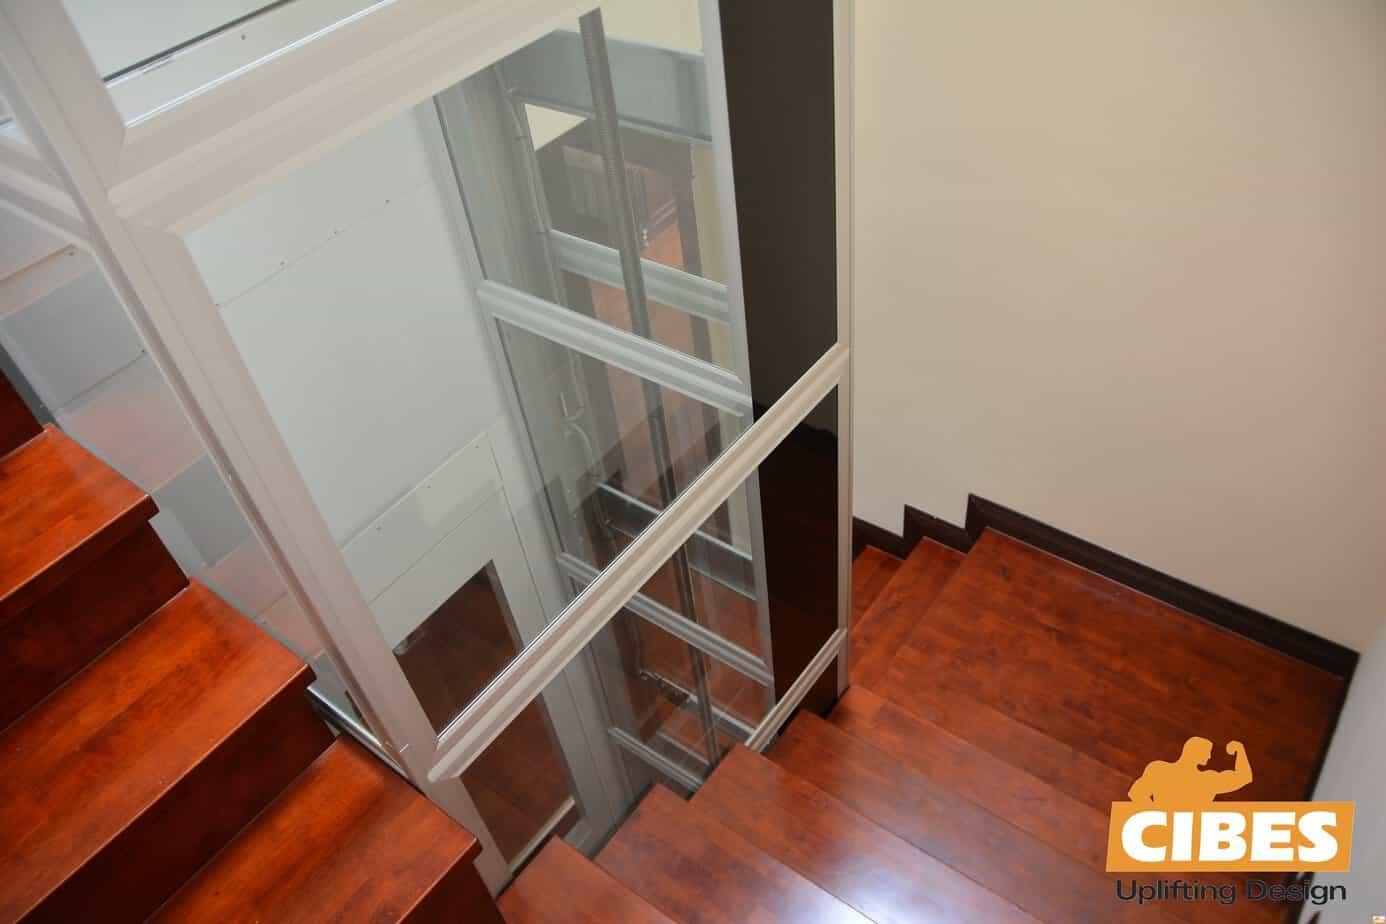 Hình ảnh minh họa cho việc lắp đặt hoàn thành thang máy